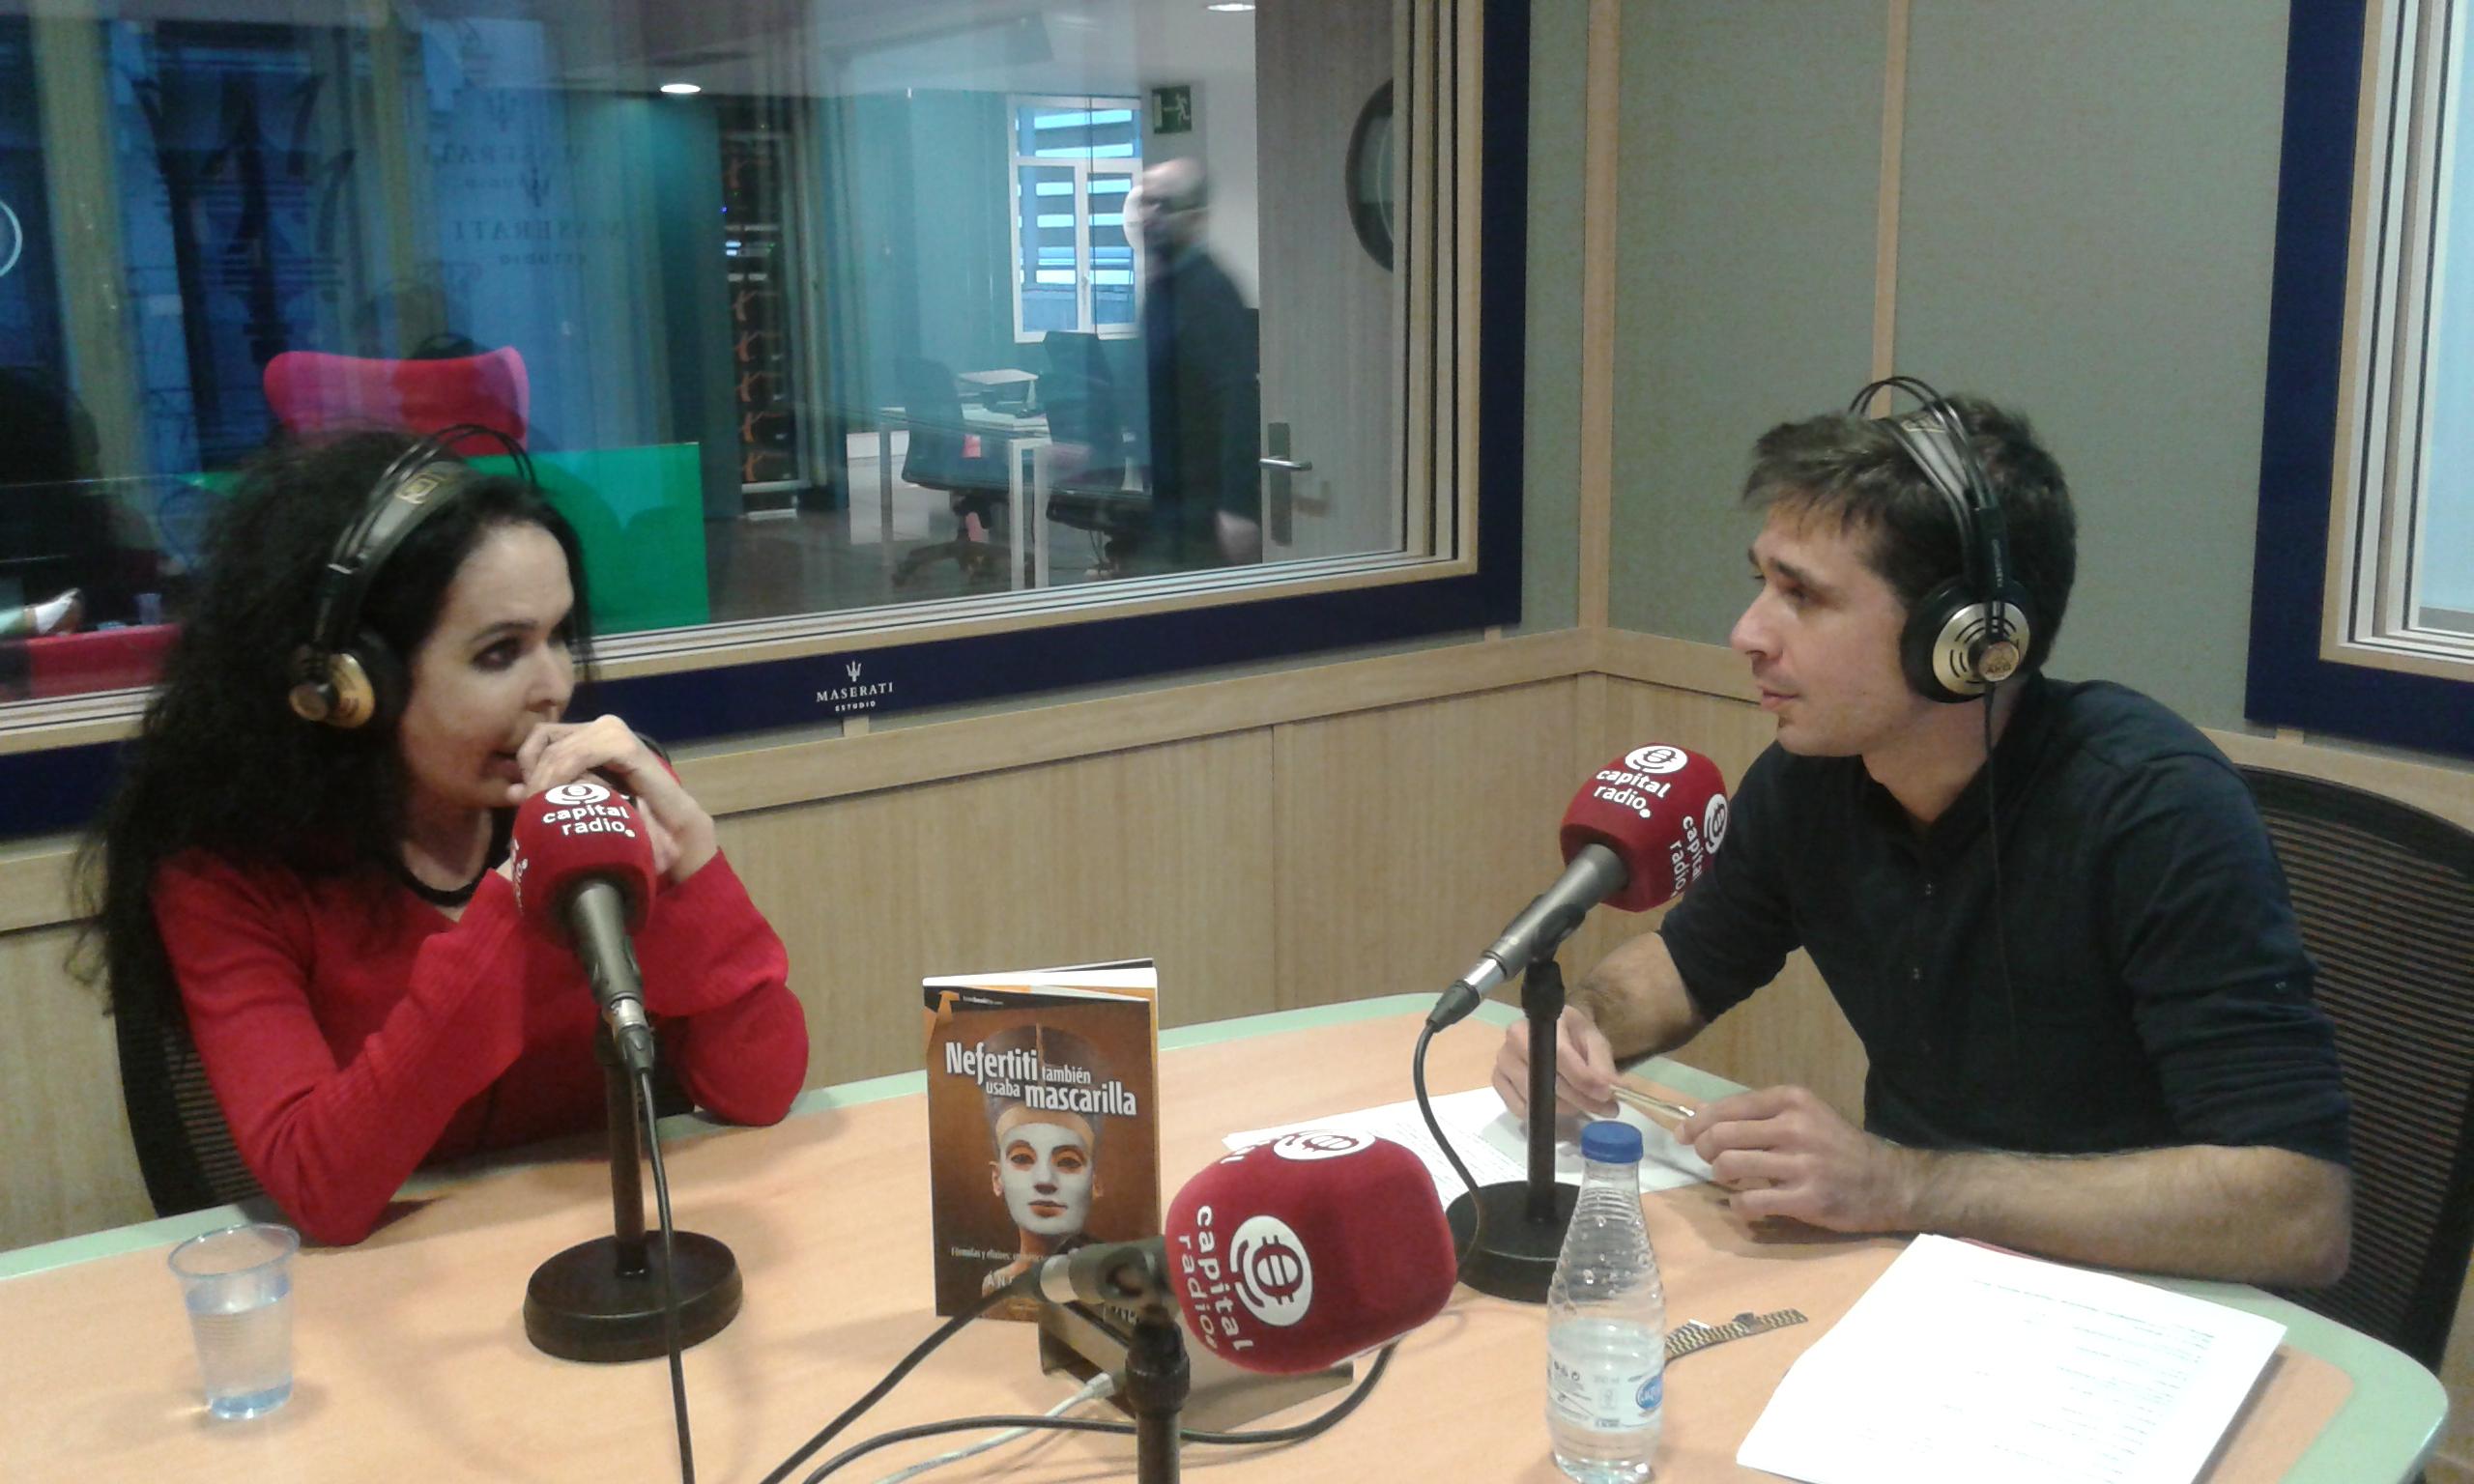 Ángela Bravo y David Benito hablando sobre trucos de belleza en la antigüedad